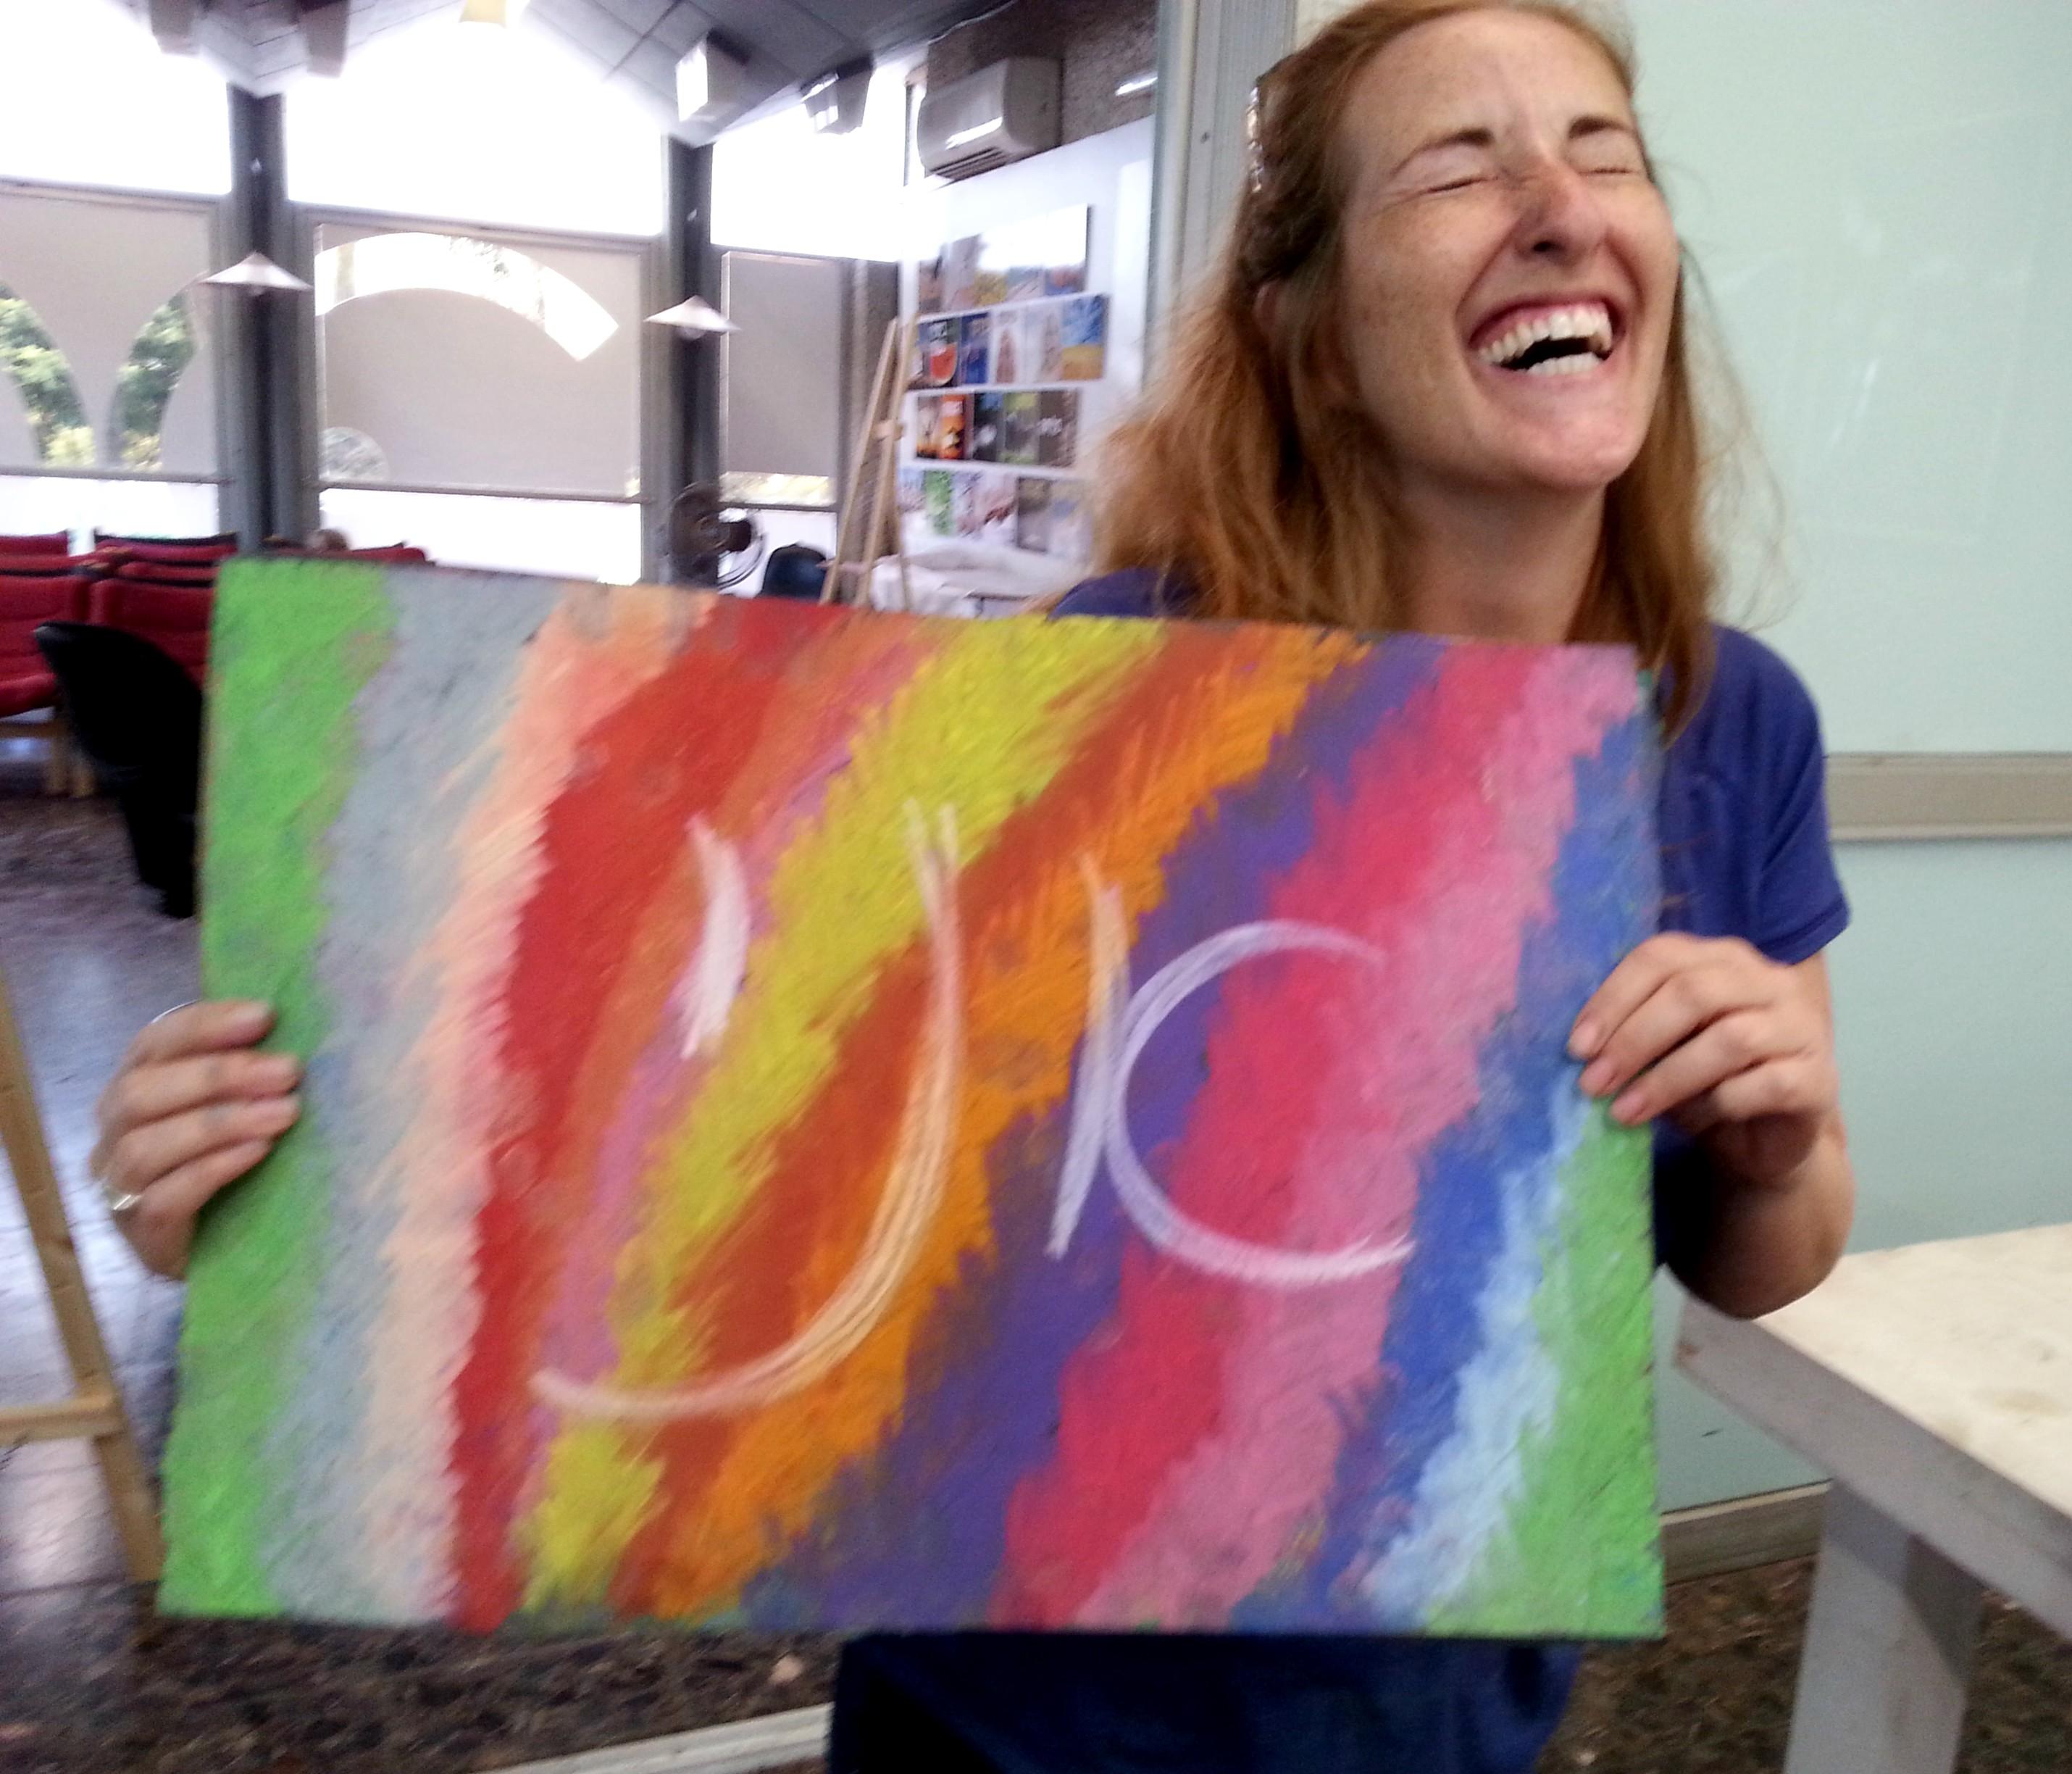 משתתפת מאושרת מציור אינטואיטיבי